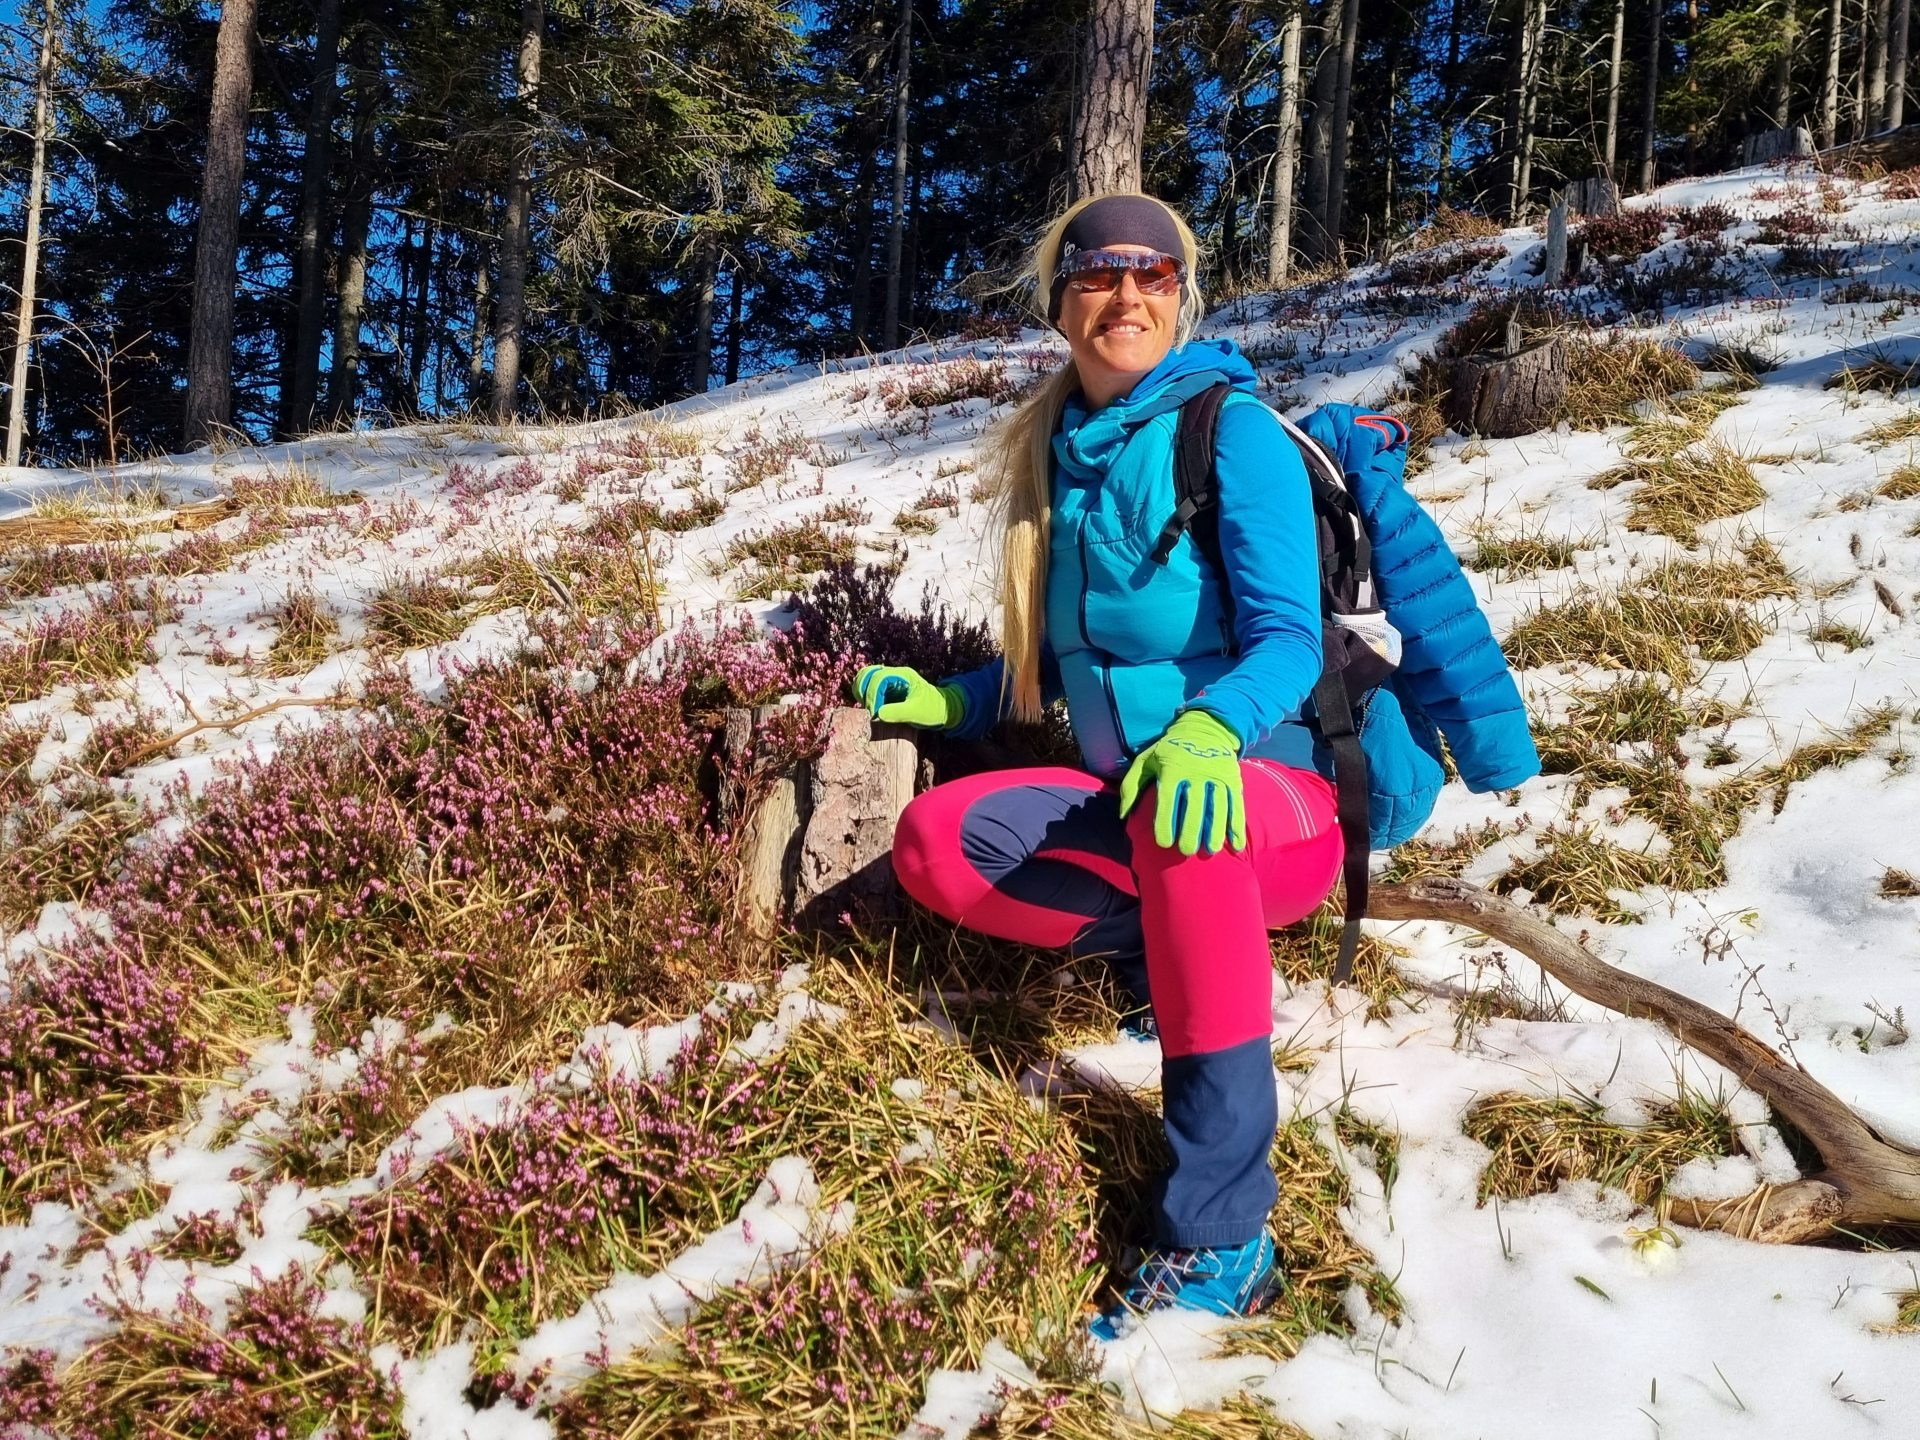 Blumenmädchen spiel ich gerne - Erica, Natur, Personen, Pflanzen, Portrait, Porträt, Ramsau, Schnee, Unterberg - HOFBAUER-HOFMANN Sofia - (Adamsthal, Kieneck, Niederösterreich, Österreich)